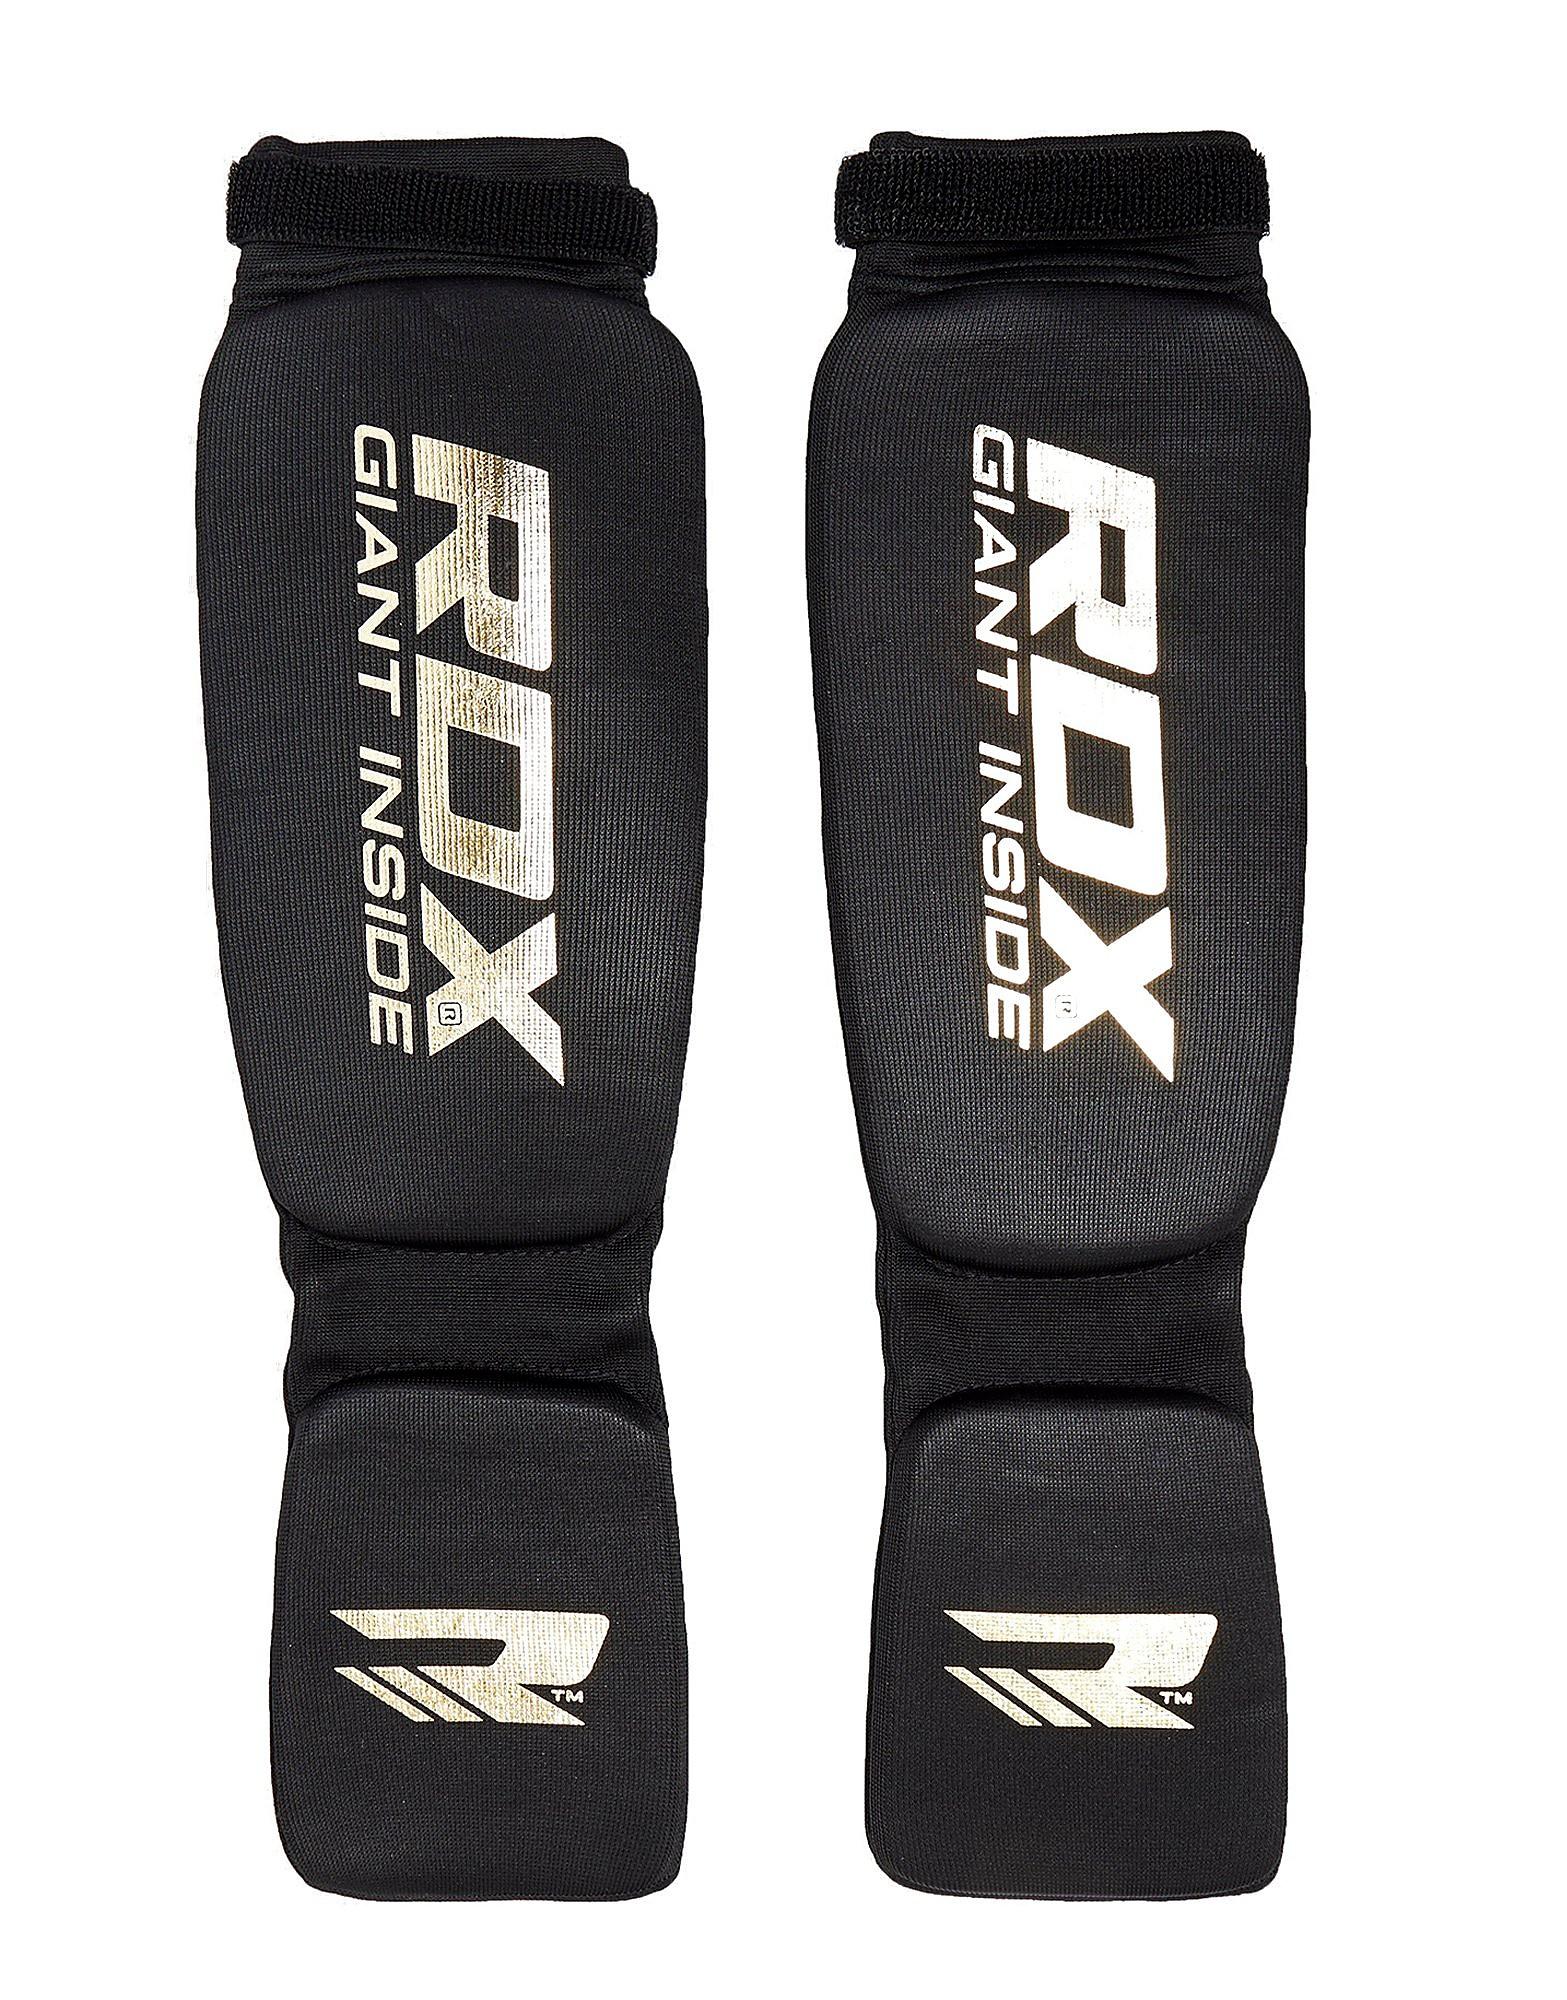 RDX INC Shin Instep Protectors